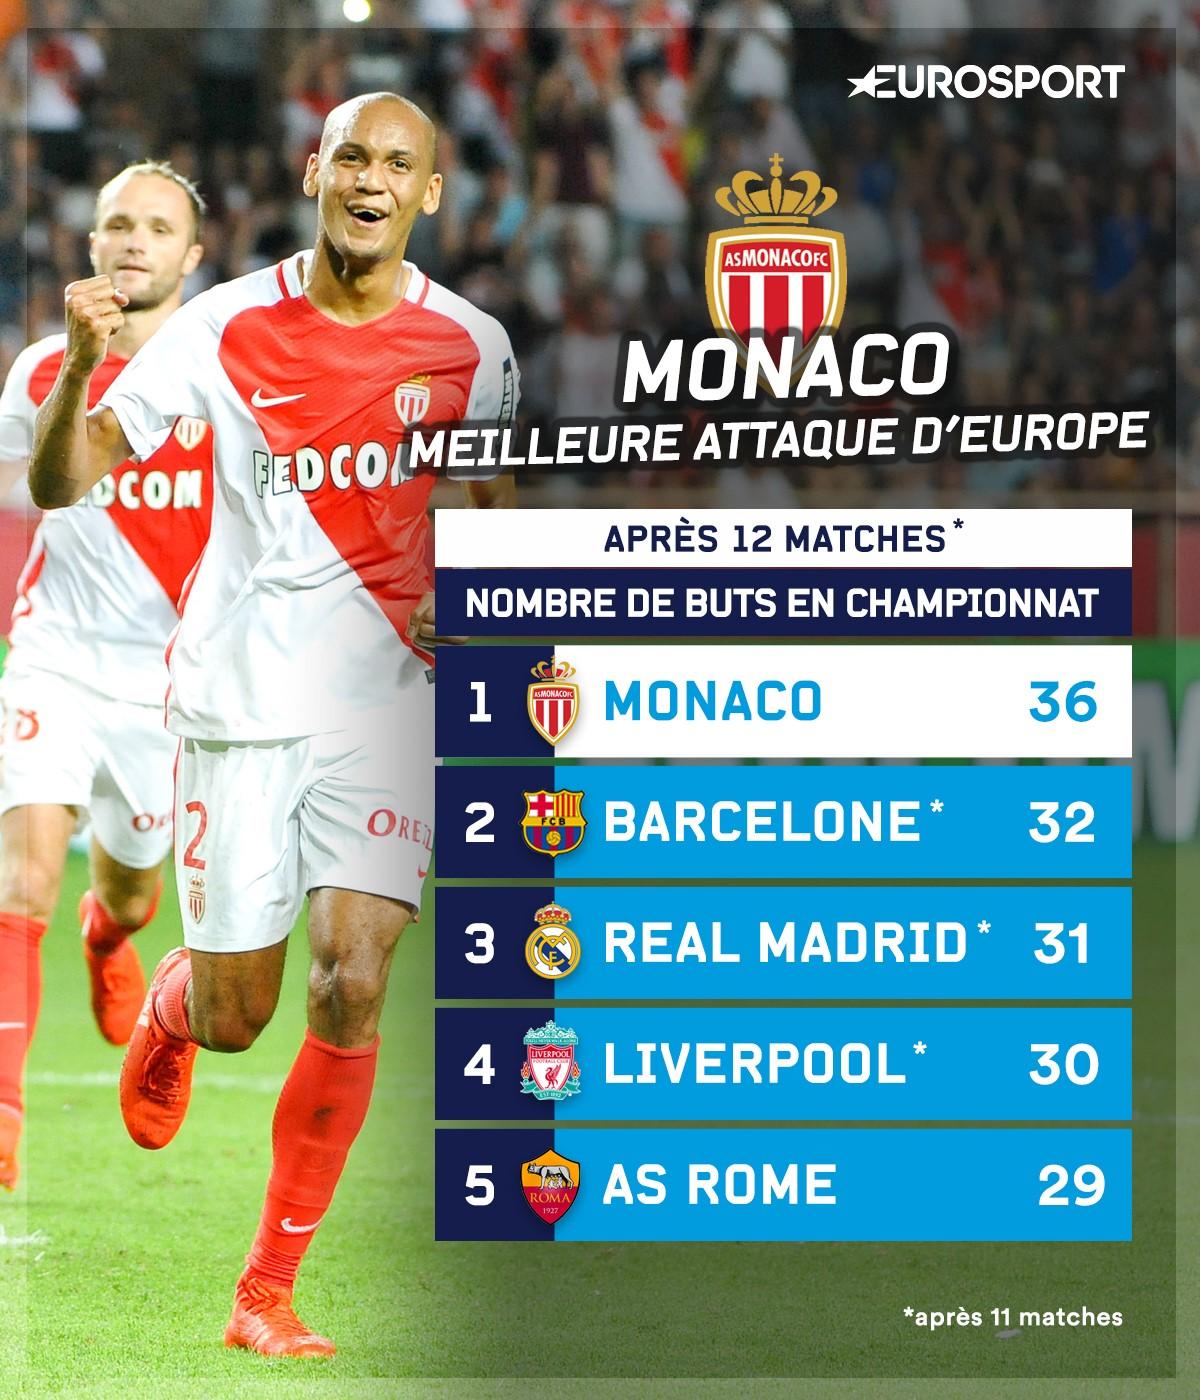 Infographie : l'attaque de Monaco plus efficace que celle du Barça et du Real Madrid.